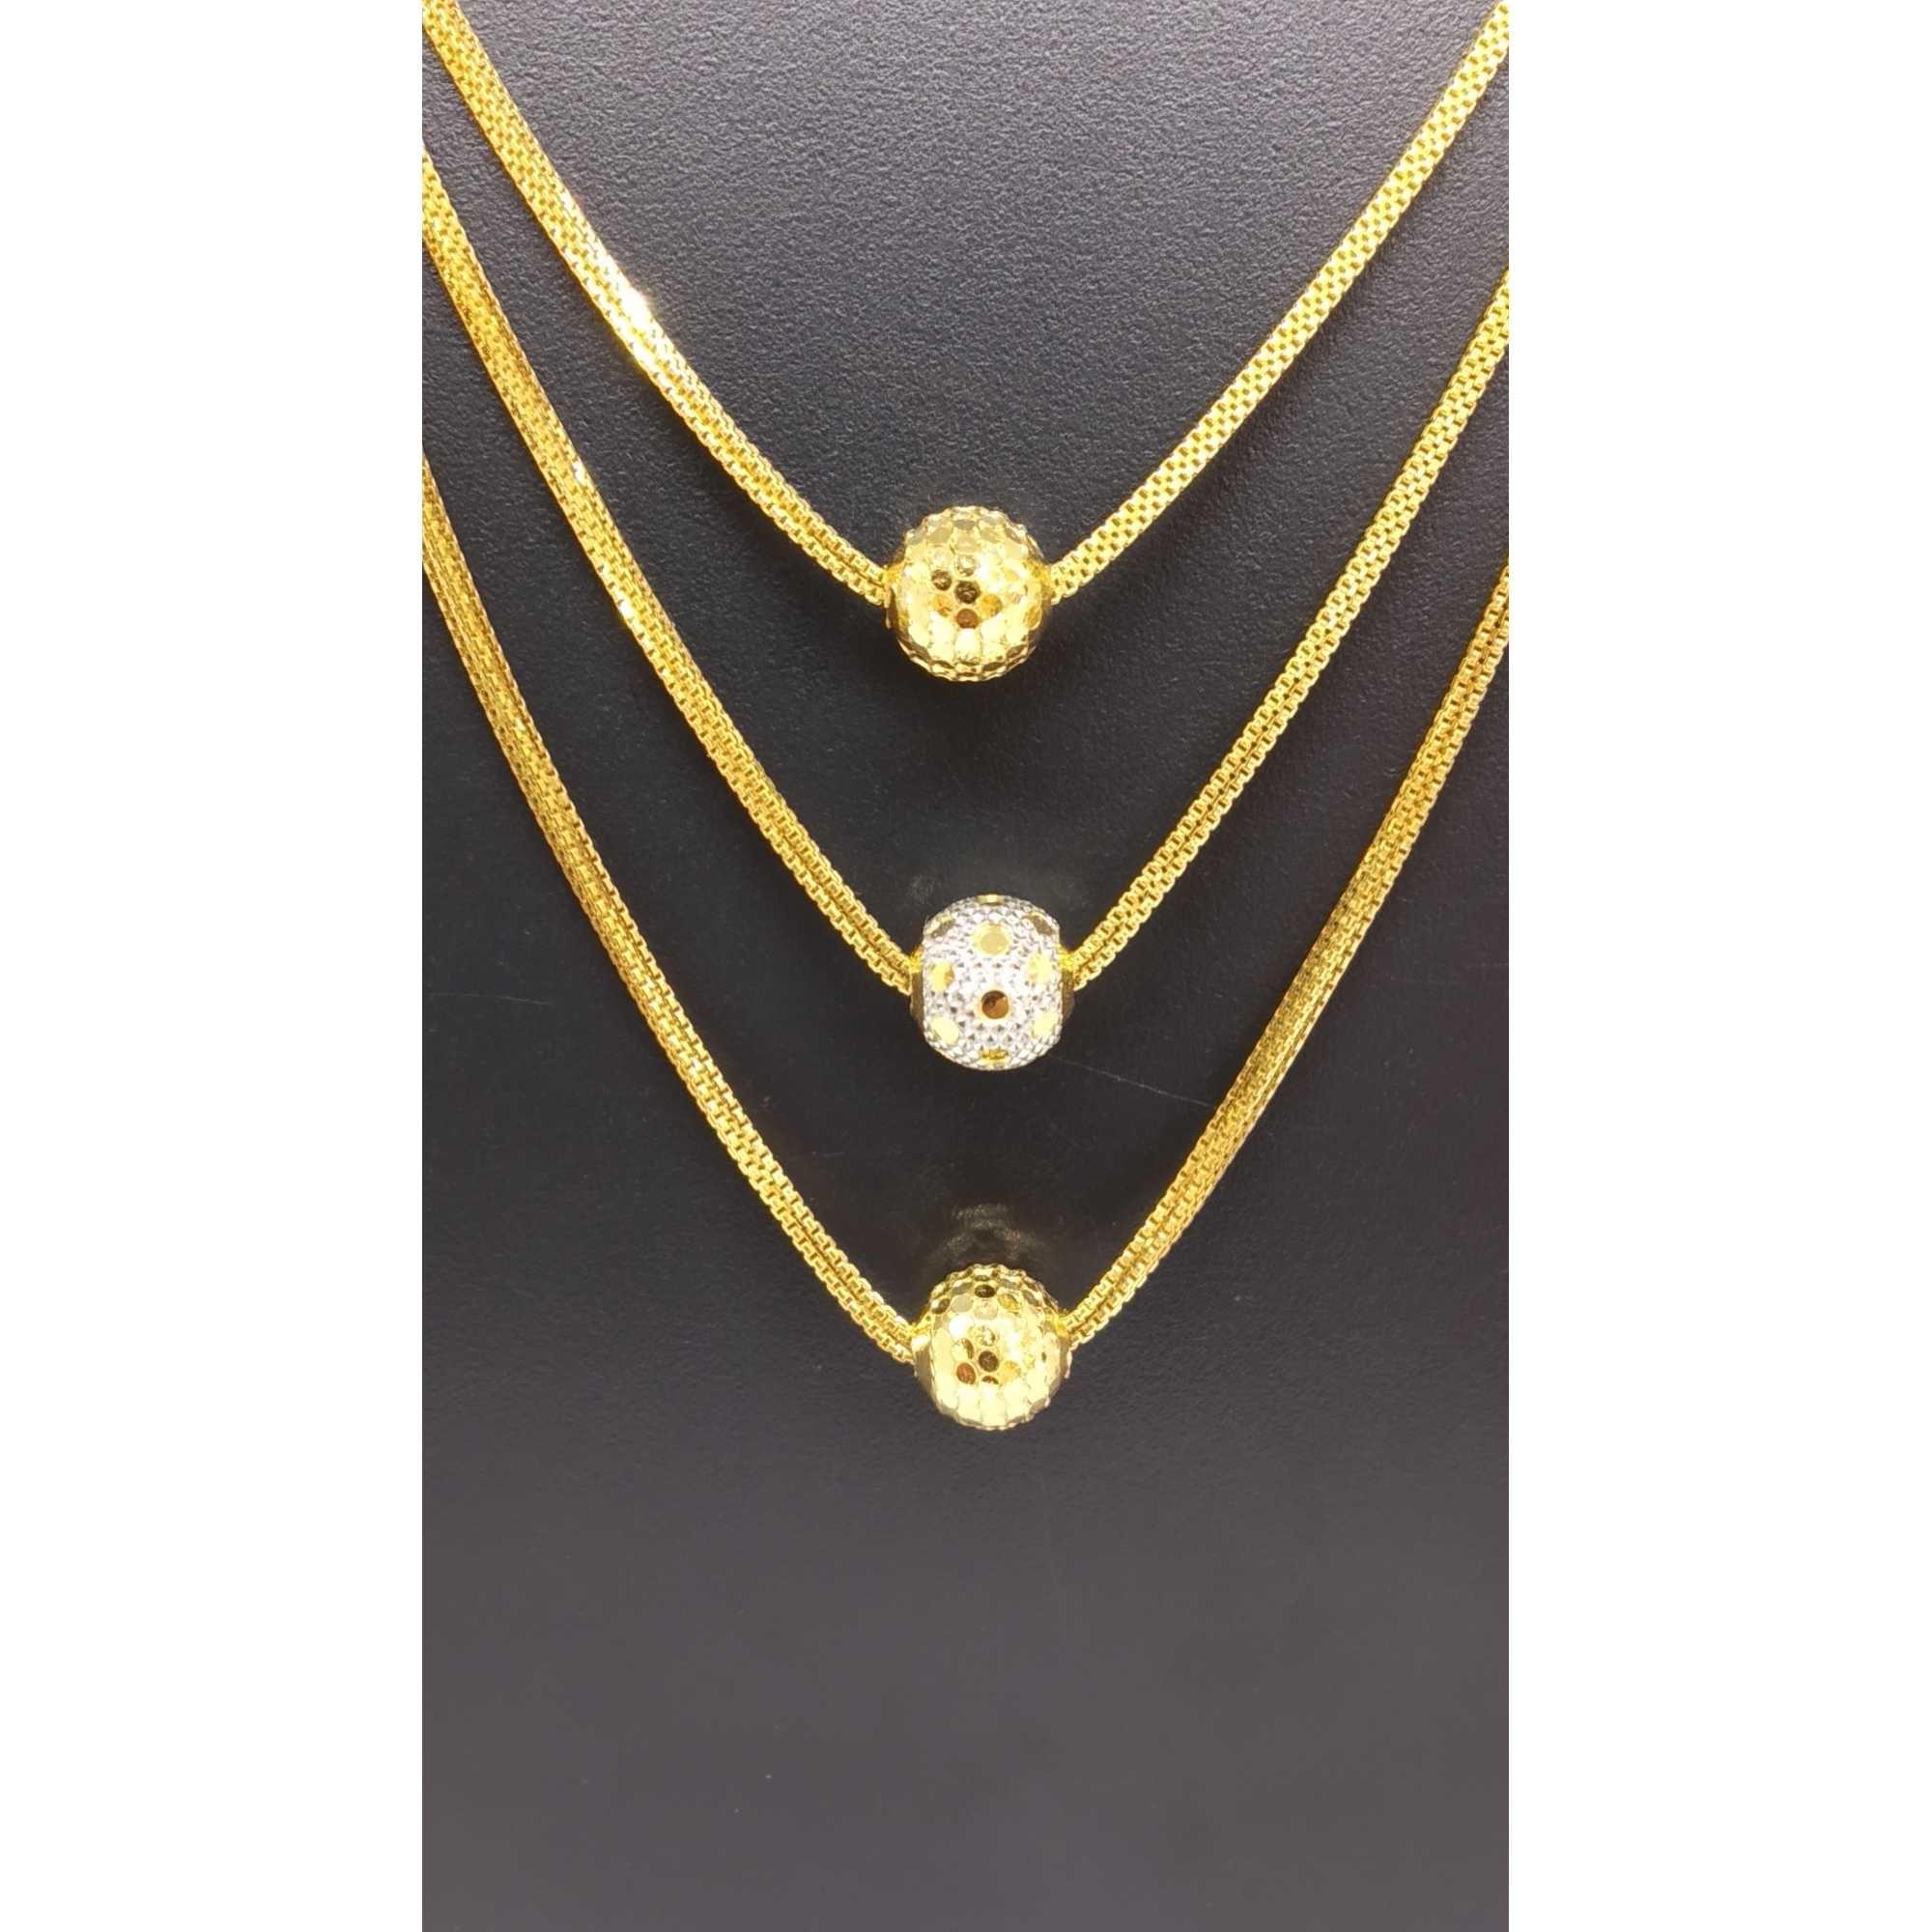 22 KT GOLD 3 STEP VERTICAL BOLLS DESIGNED DOKIYA